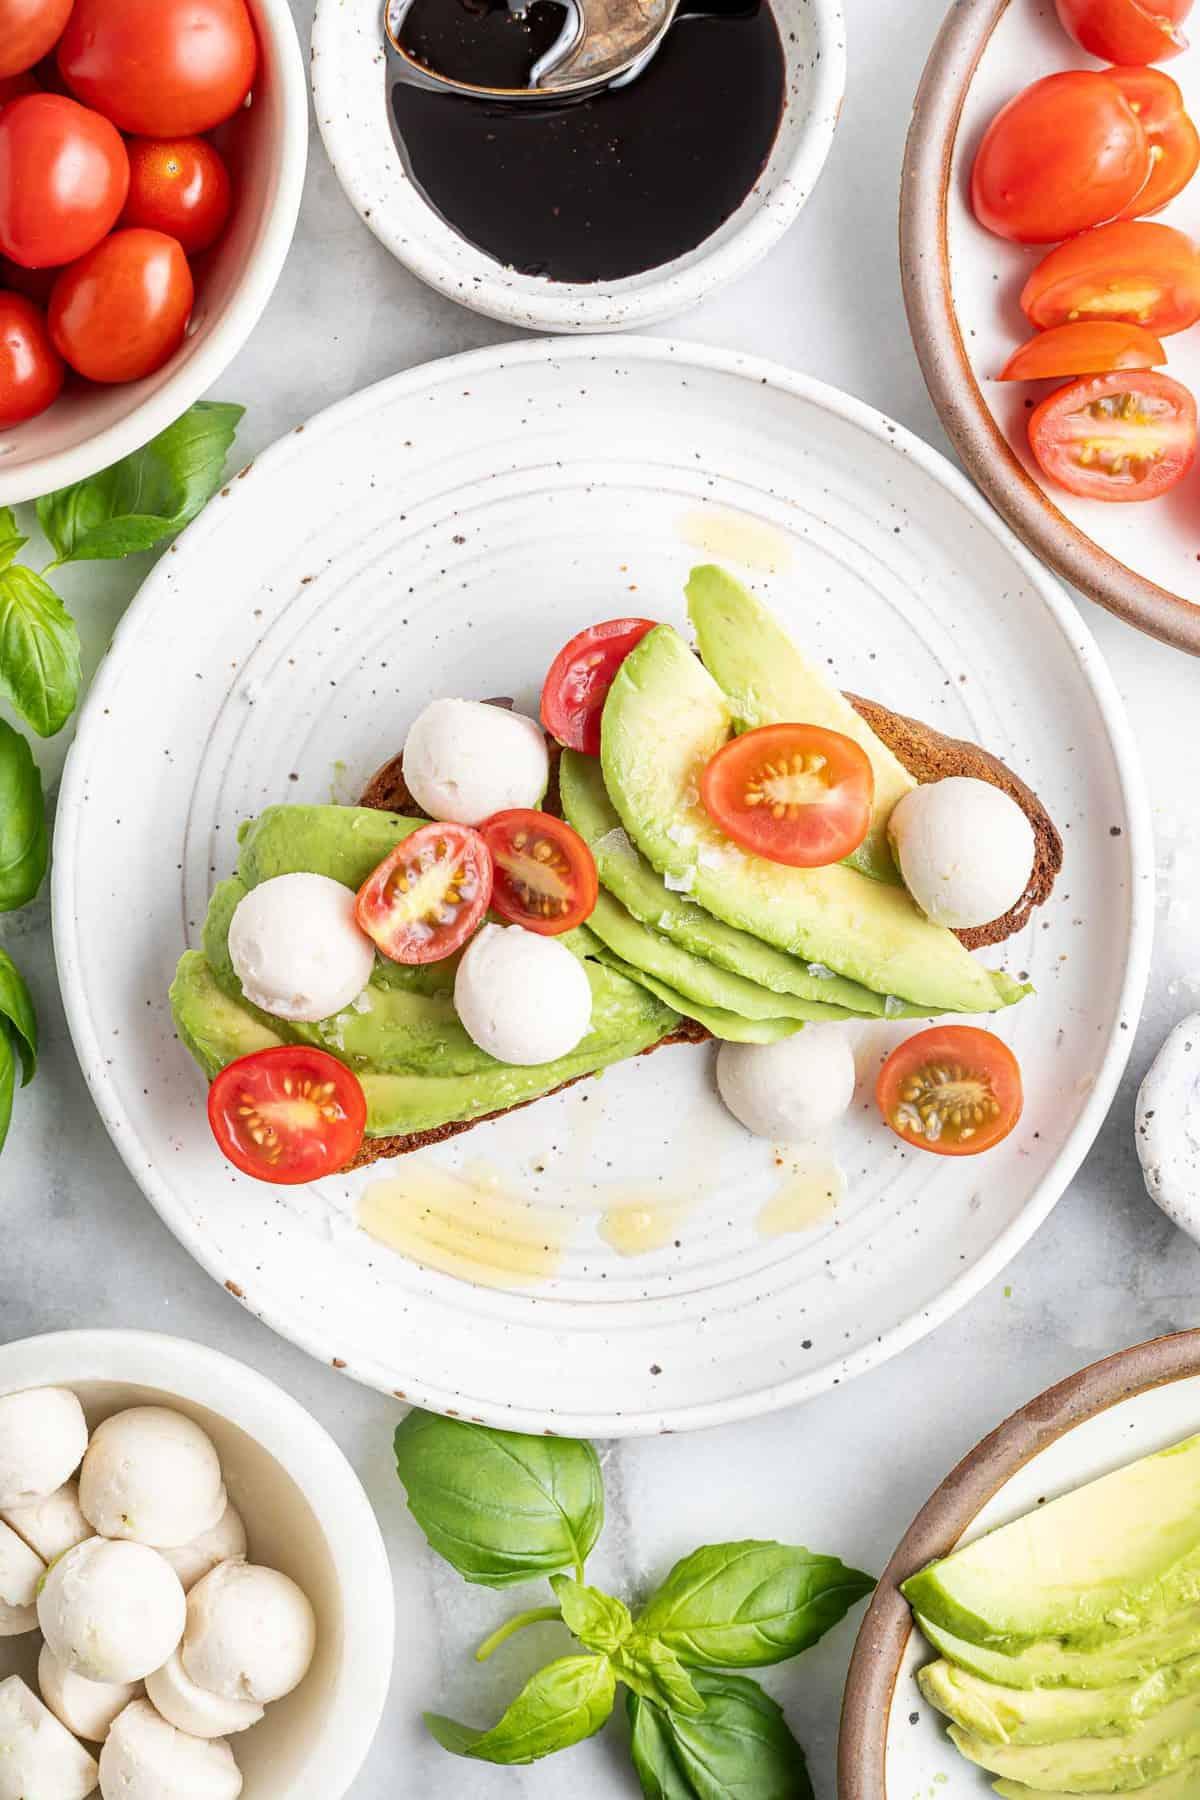 Avocado toast topped with fresh mozzarella and fresh tomatoes.